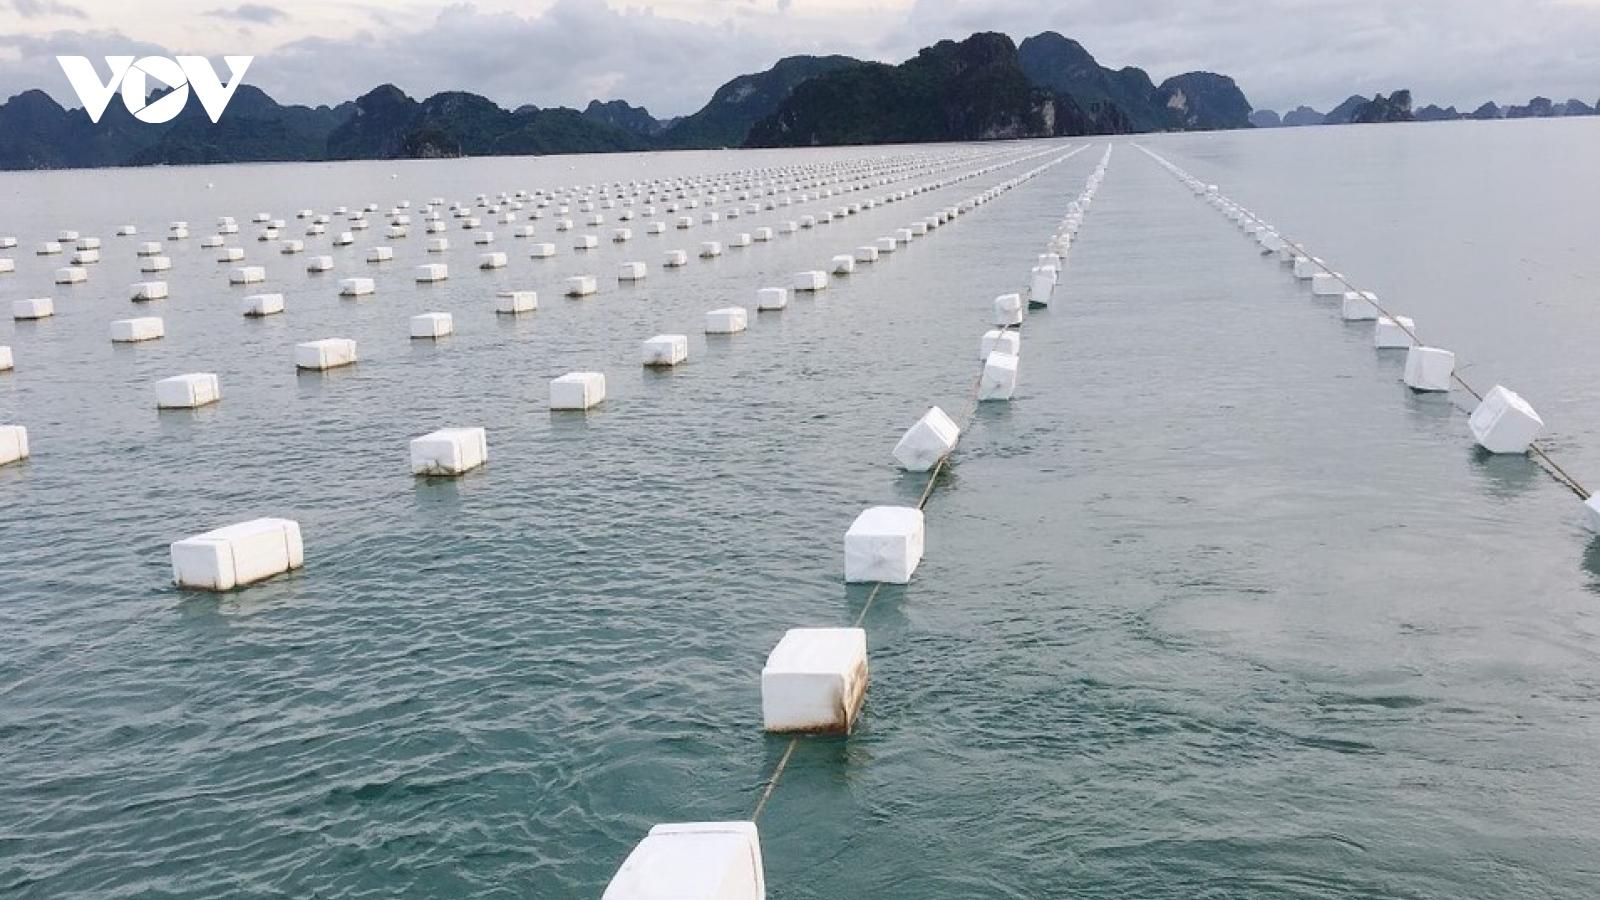 Nuôi trồng thủy sản sạch, bền vững: Cách làm mới ở Quảng Ninh